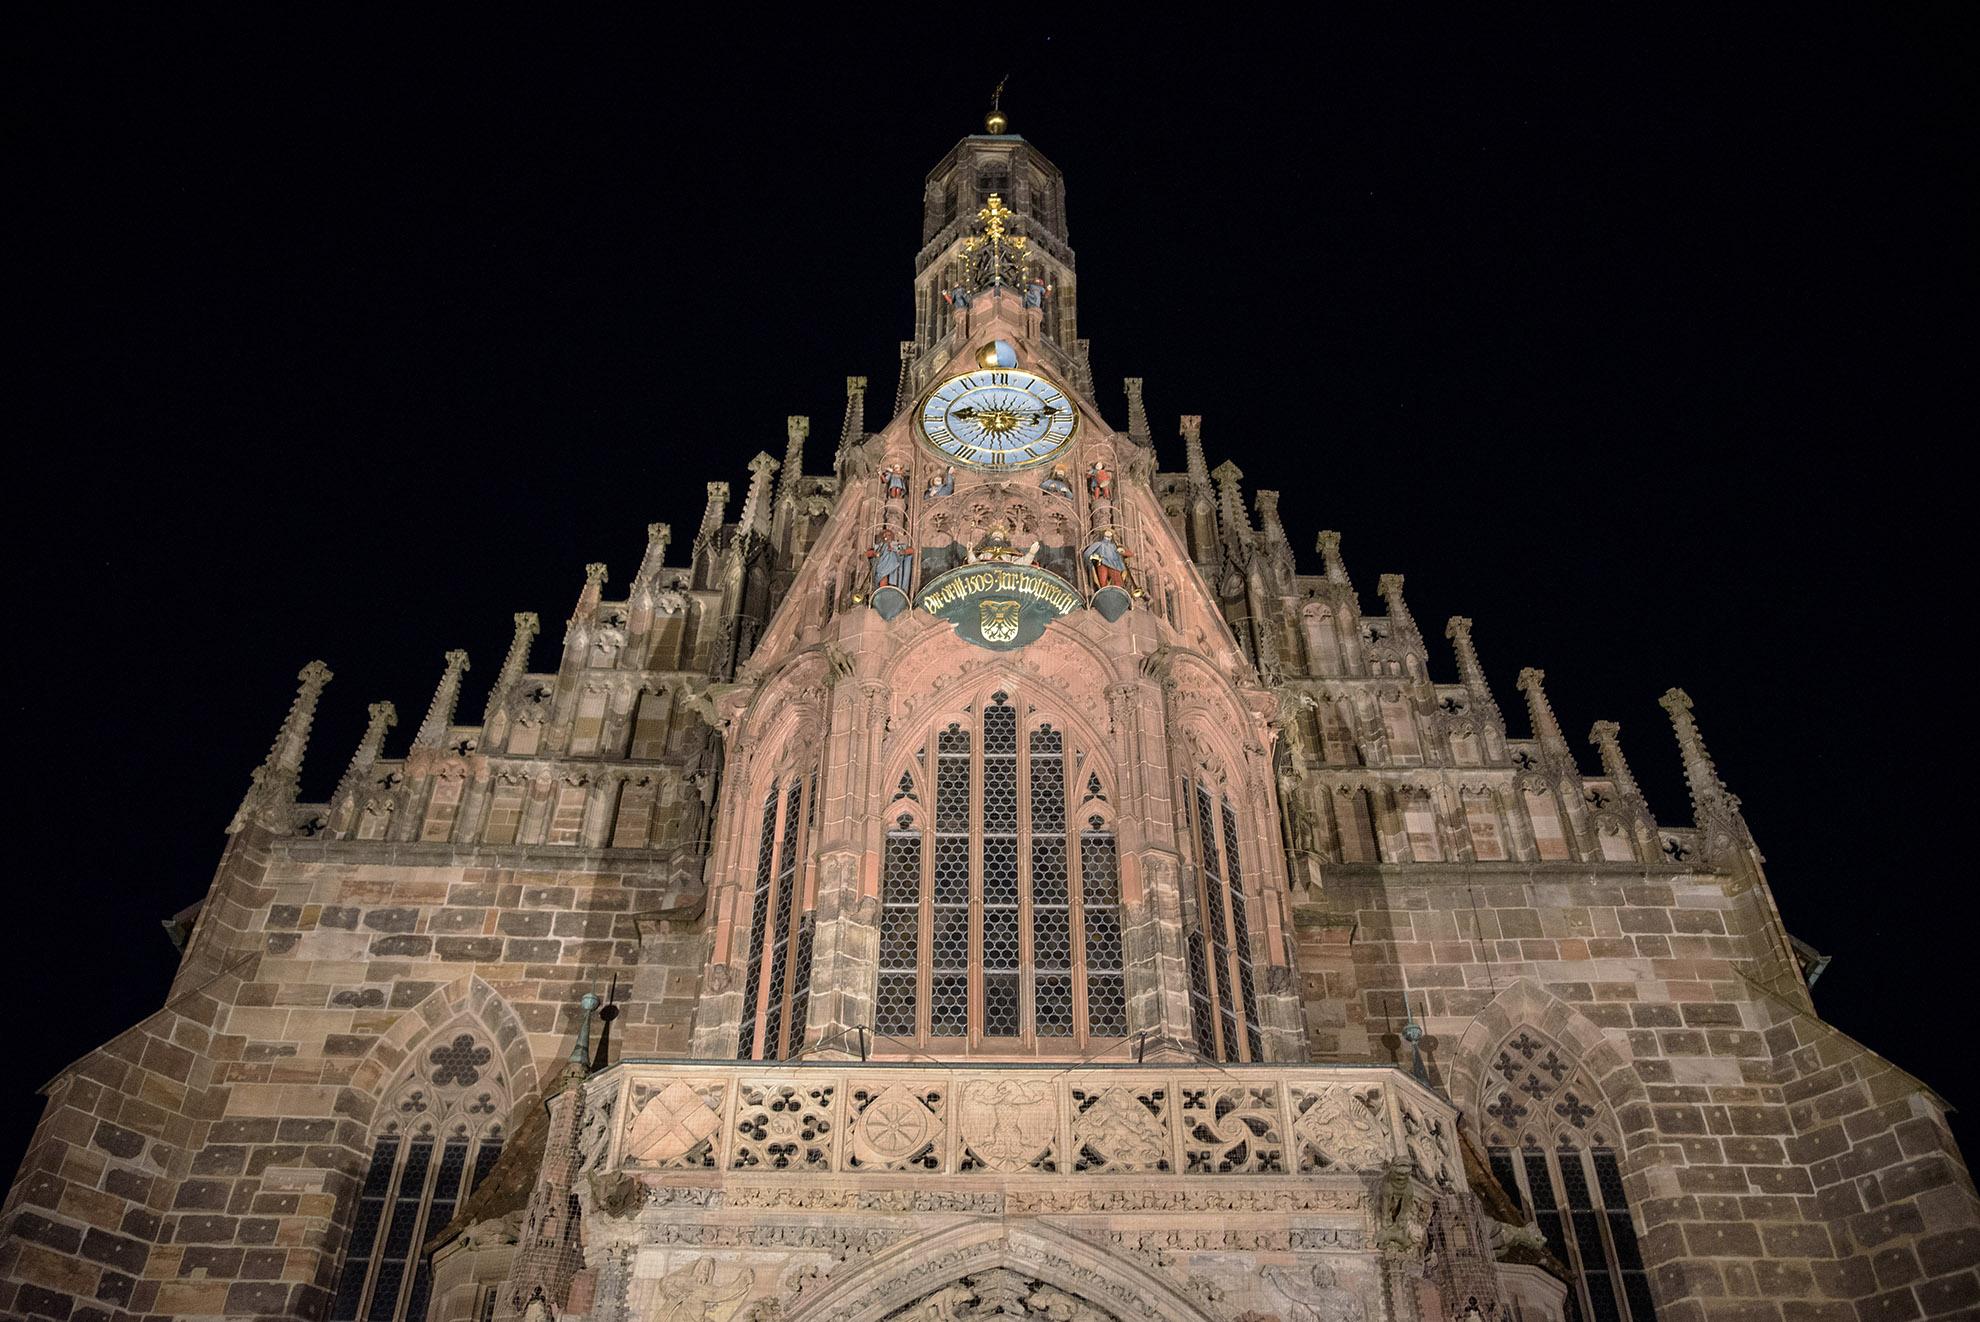 Kościół Najświętszej Marii Panny (Frauenkirche) w Norymberdze